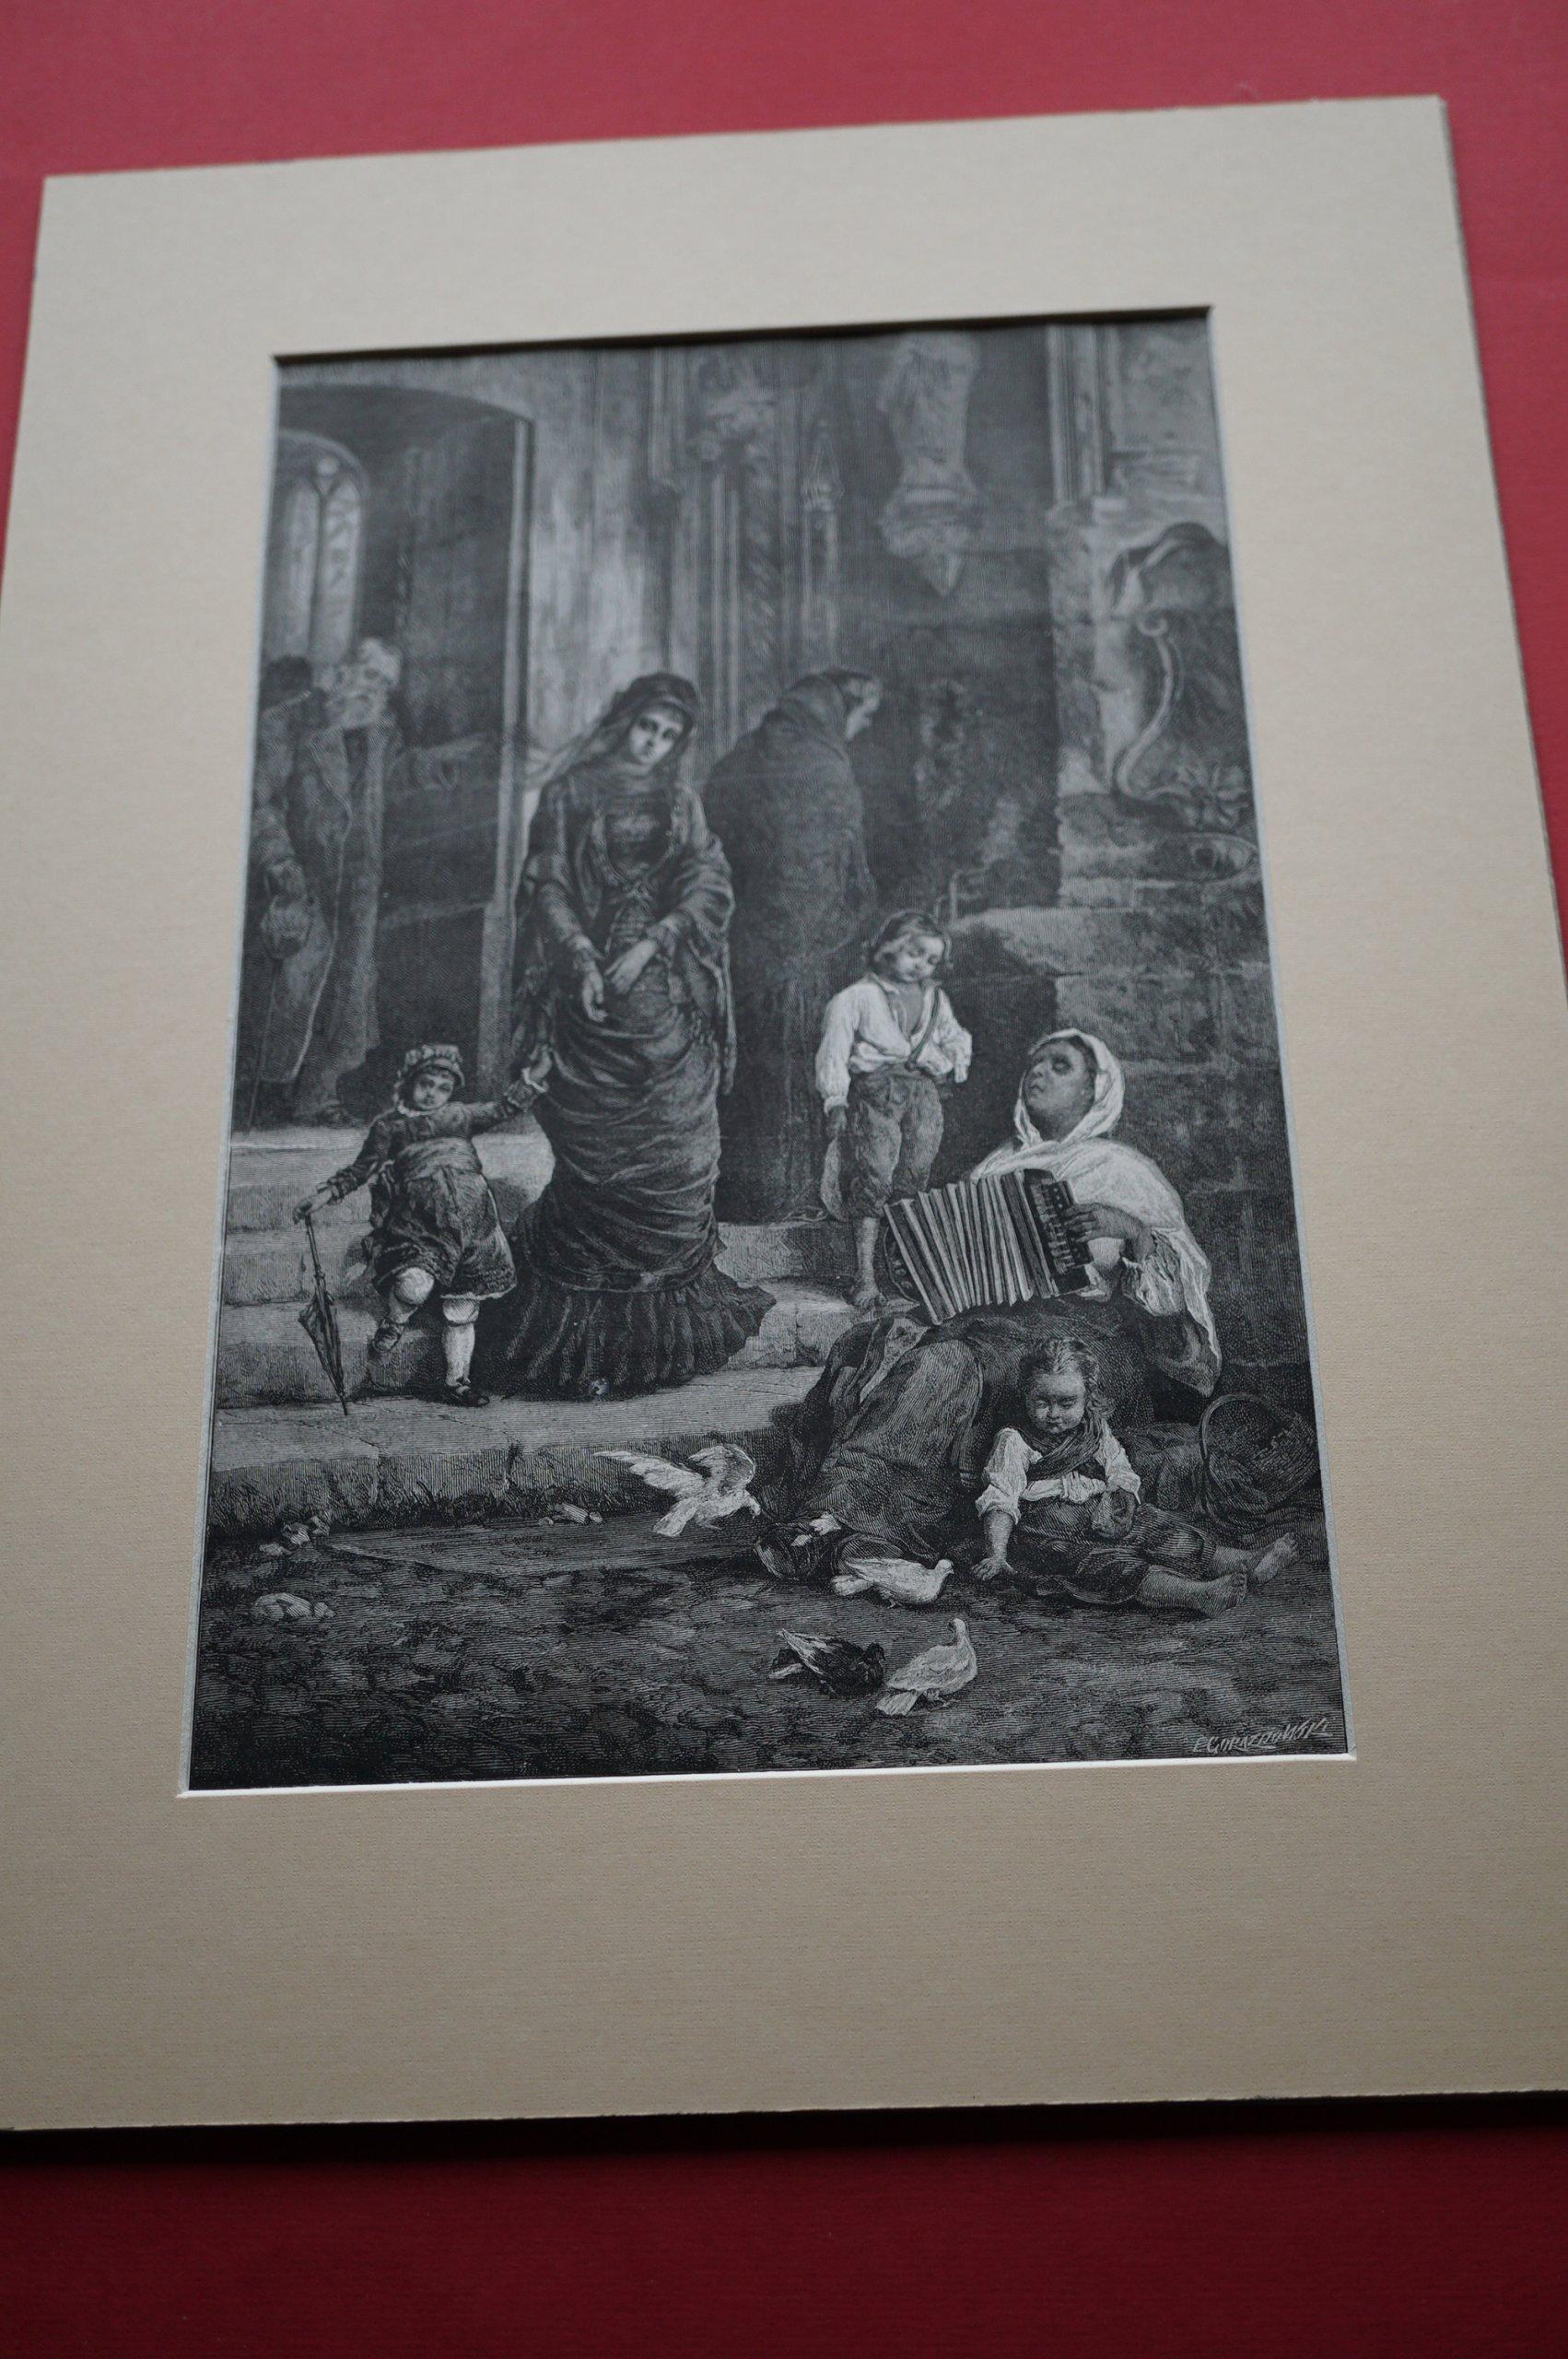 POCHWALSKI K.: Dwie wdowy. Drzeworyt, 1882.